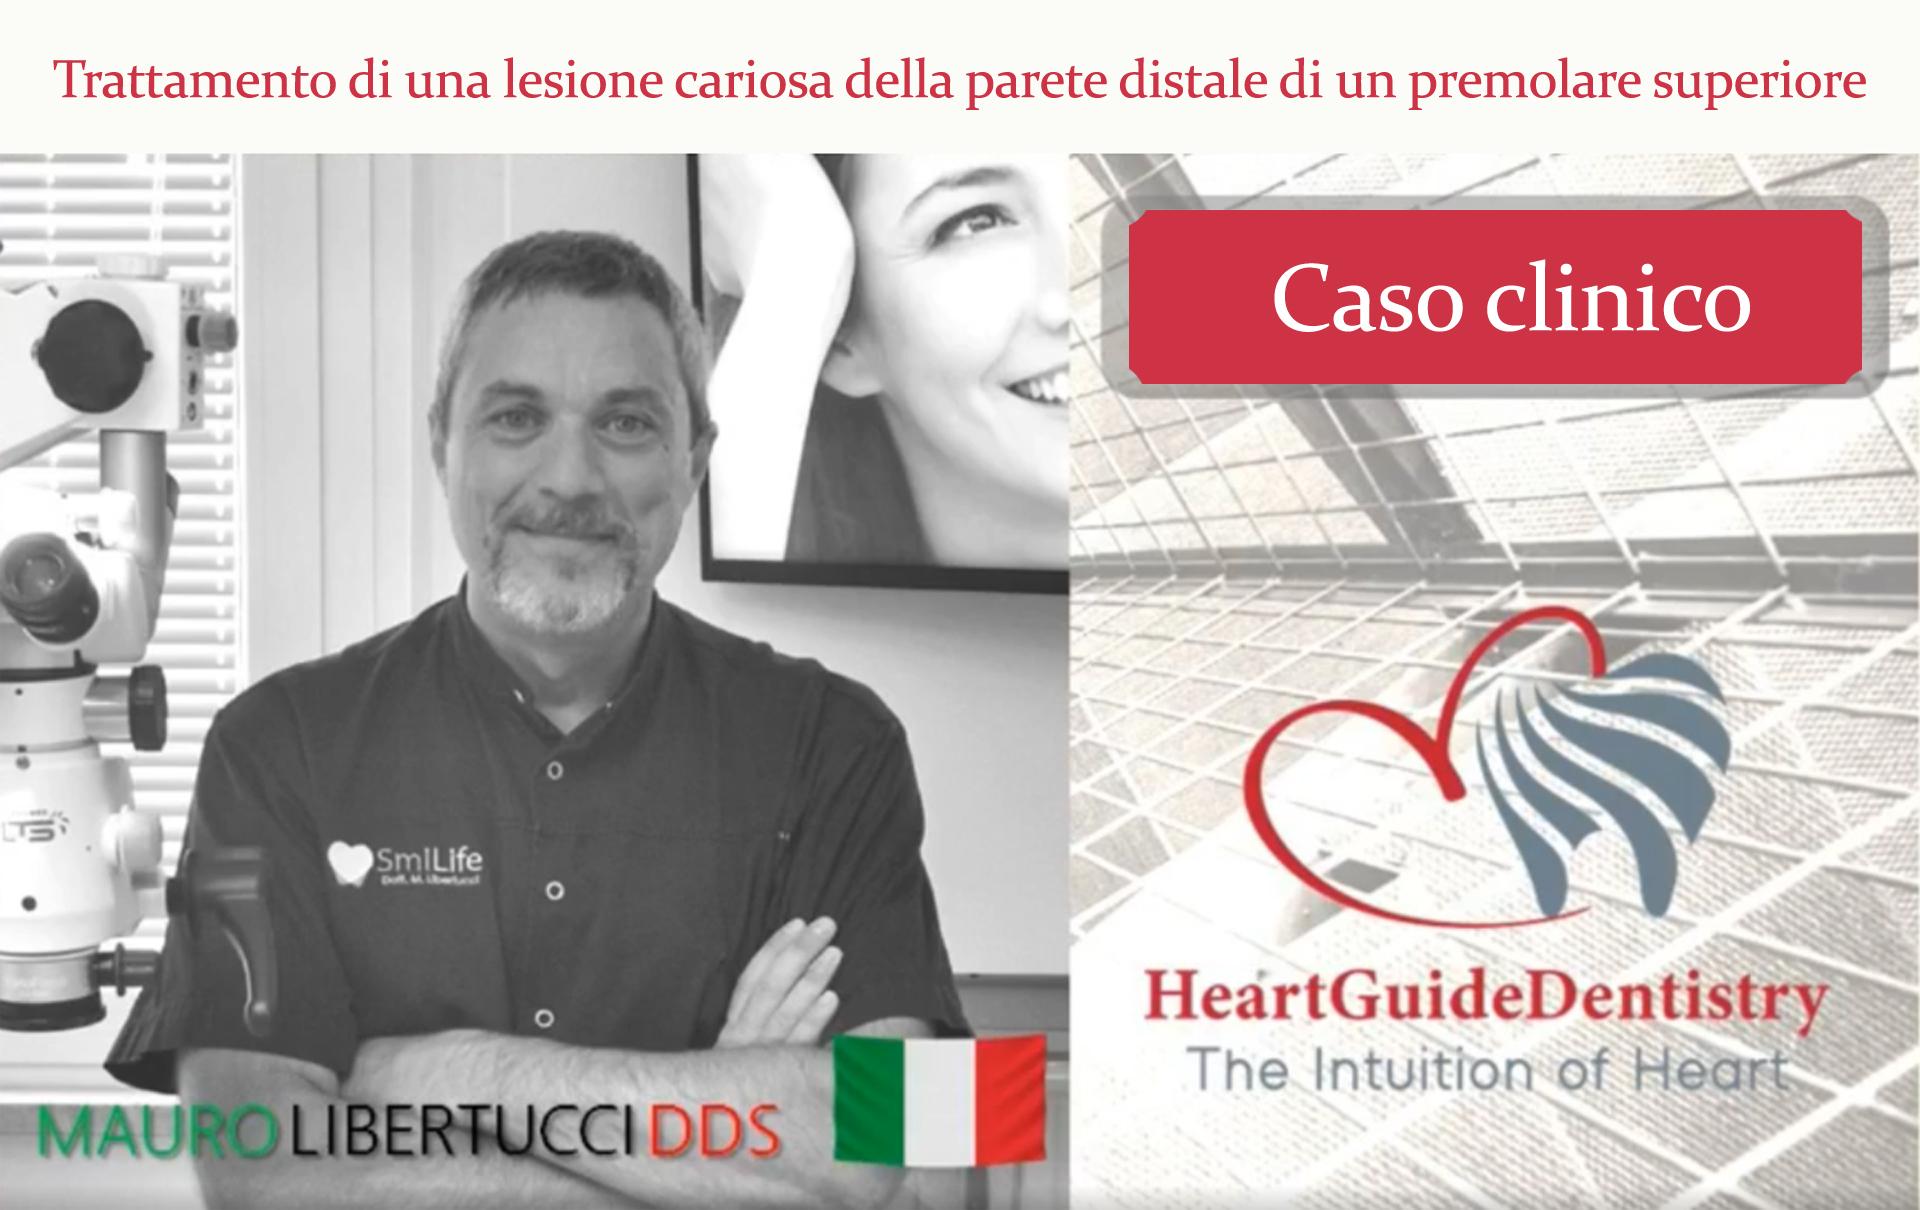 Dr Mauro Libertucci micro prep